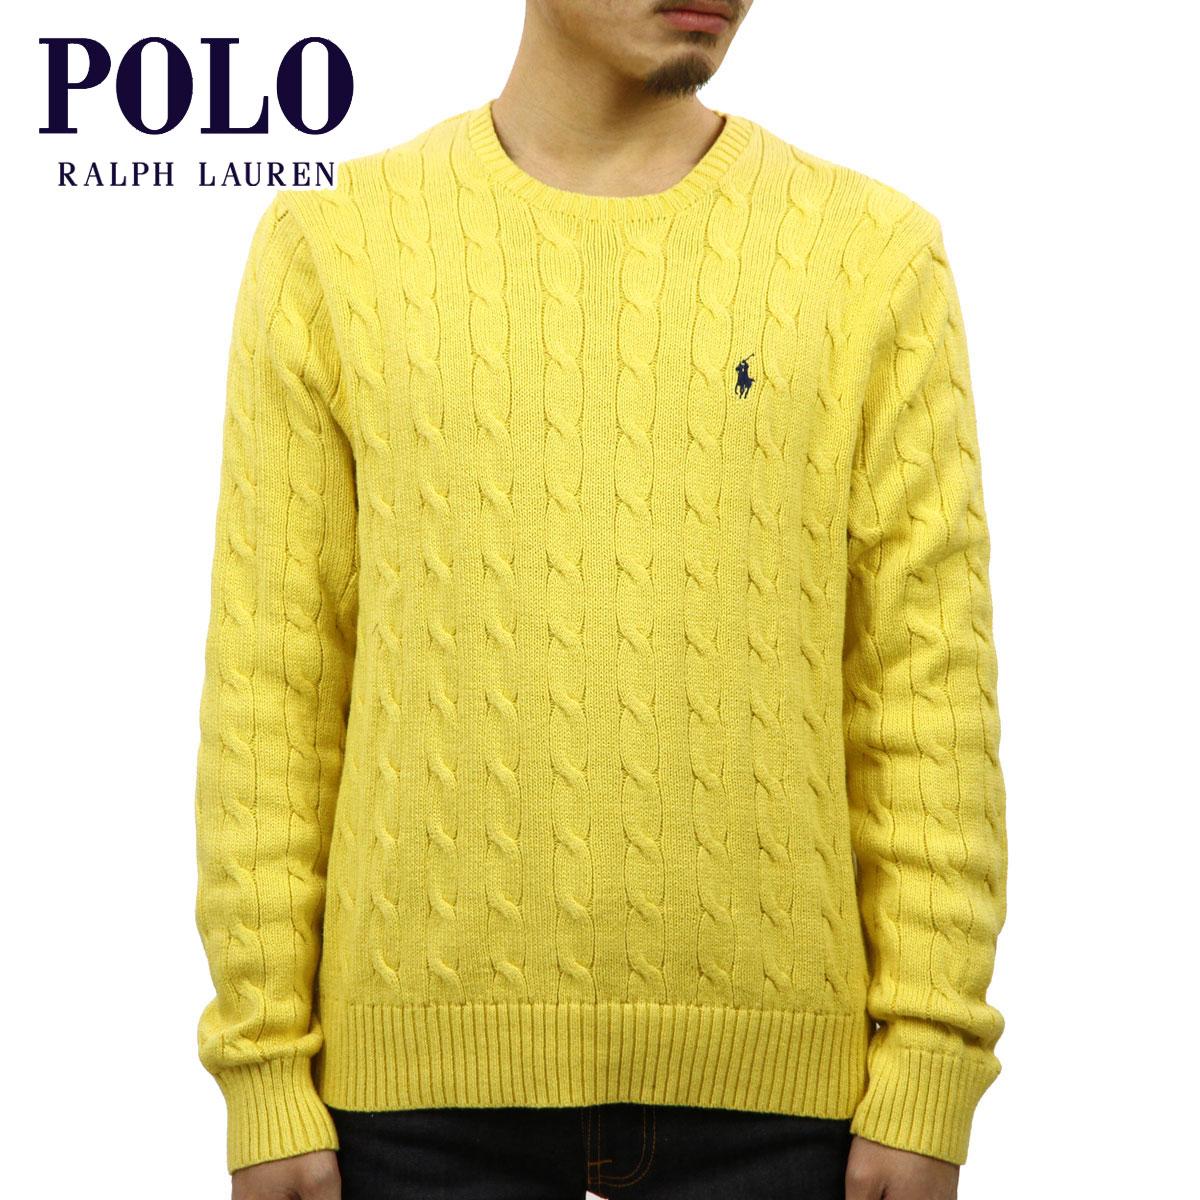 ポロ ラルフローレン POLO RALPH LAUREN 正規品 メンズ セーター CABLE-KNIT COTTON SWEATER D00S20